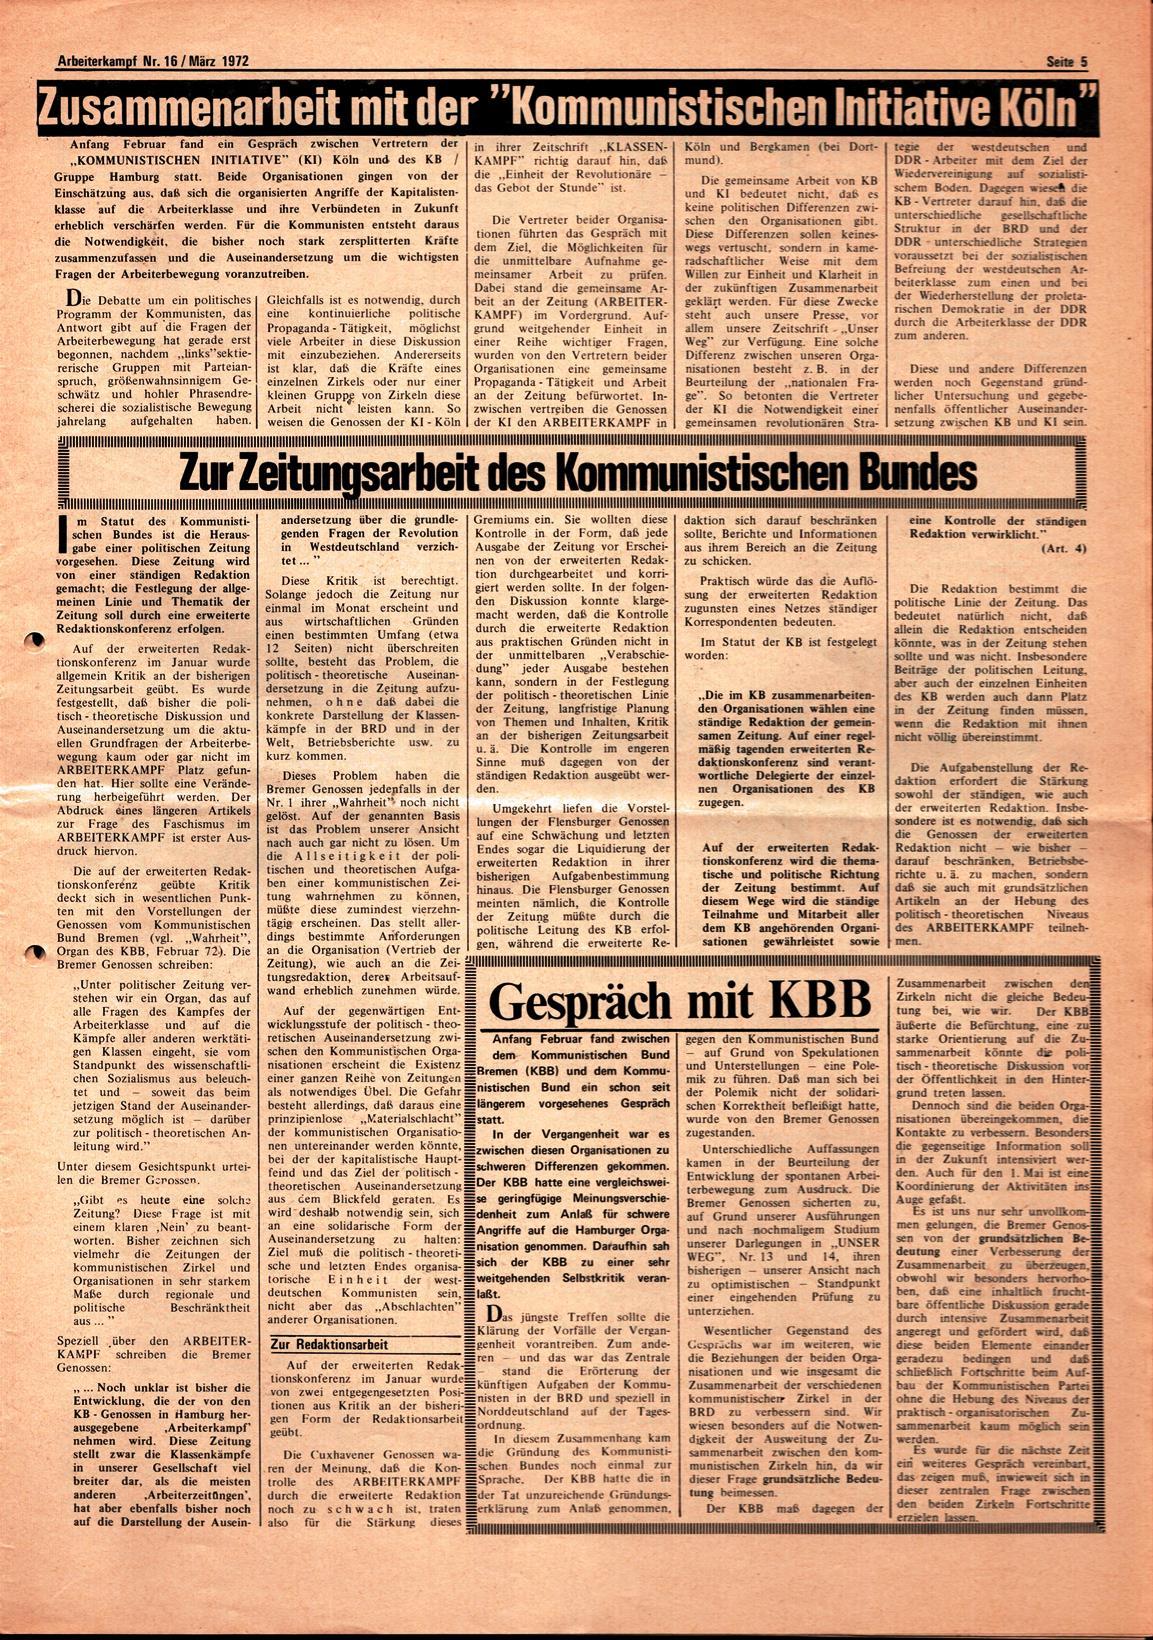 KB_AK_1972_016_005